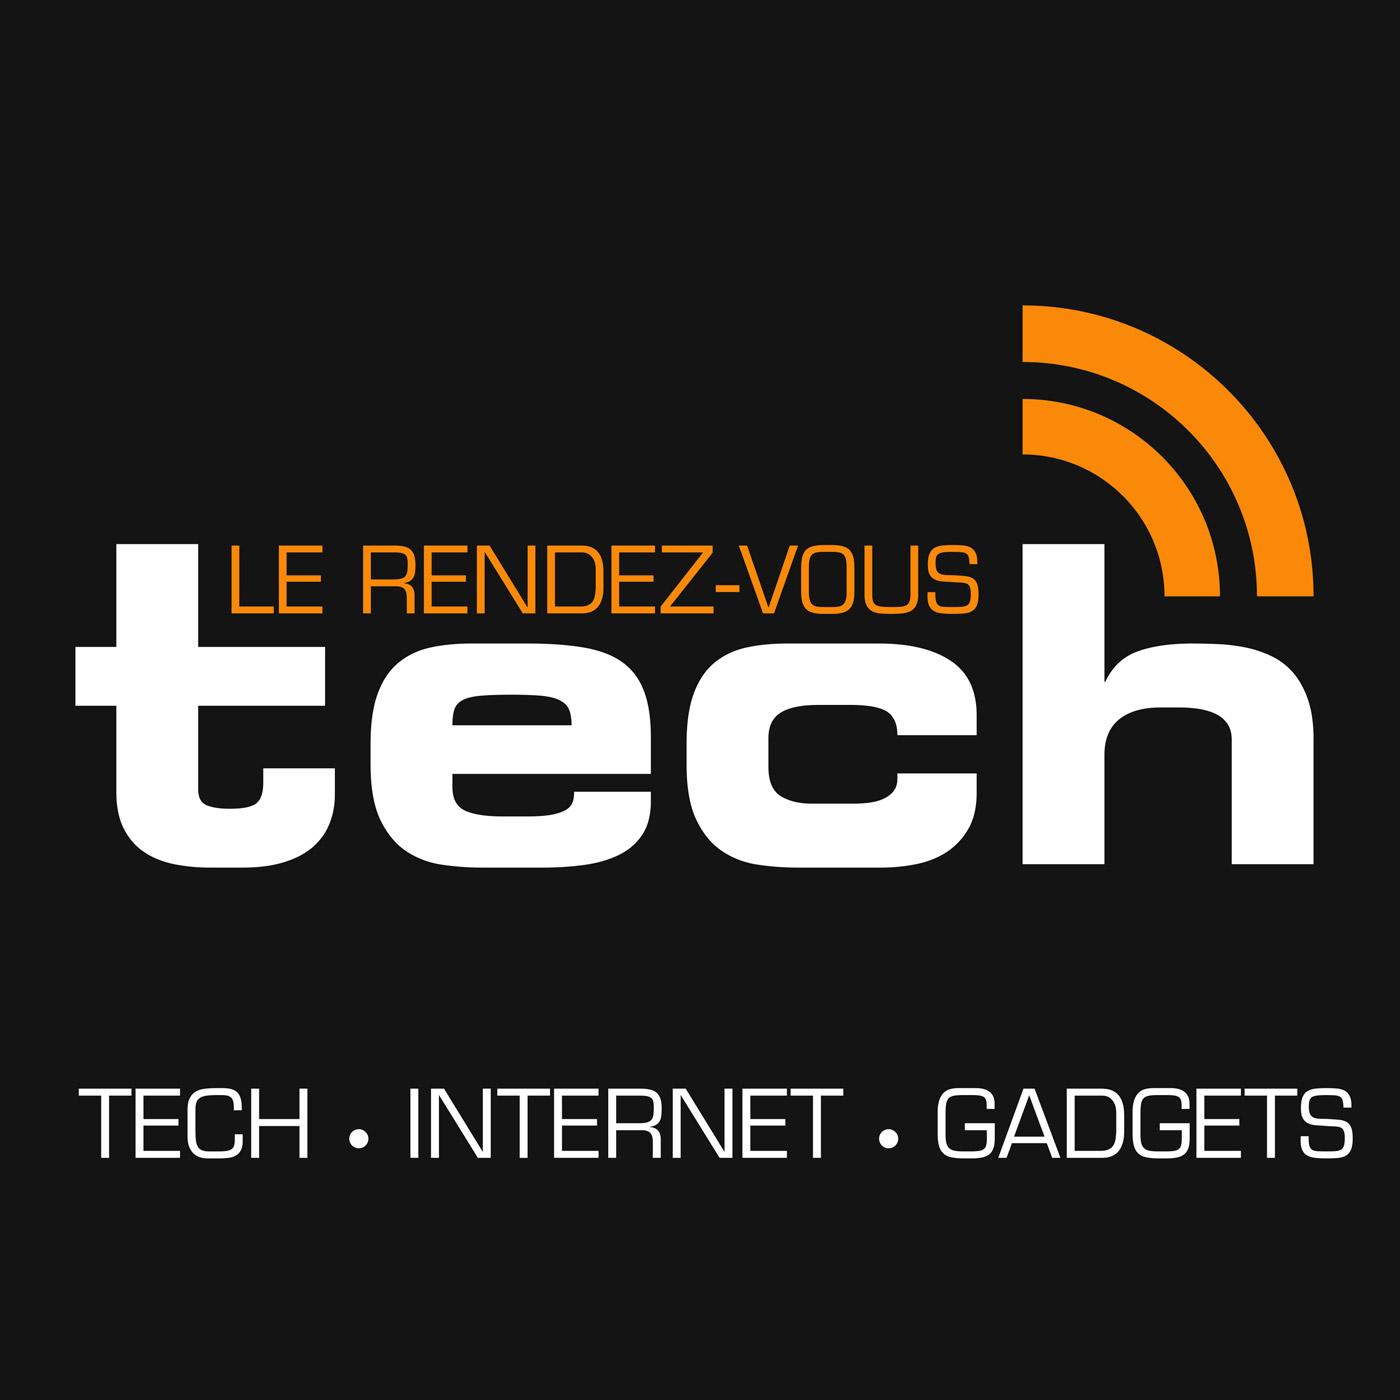 Le rendez-vous Tech